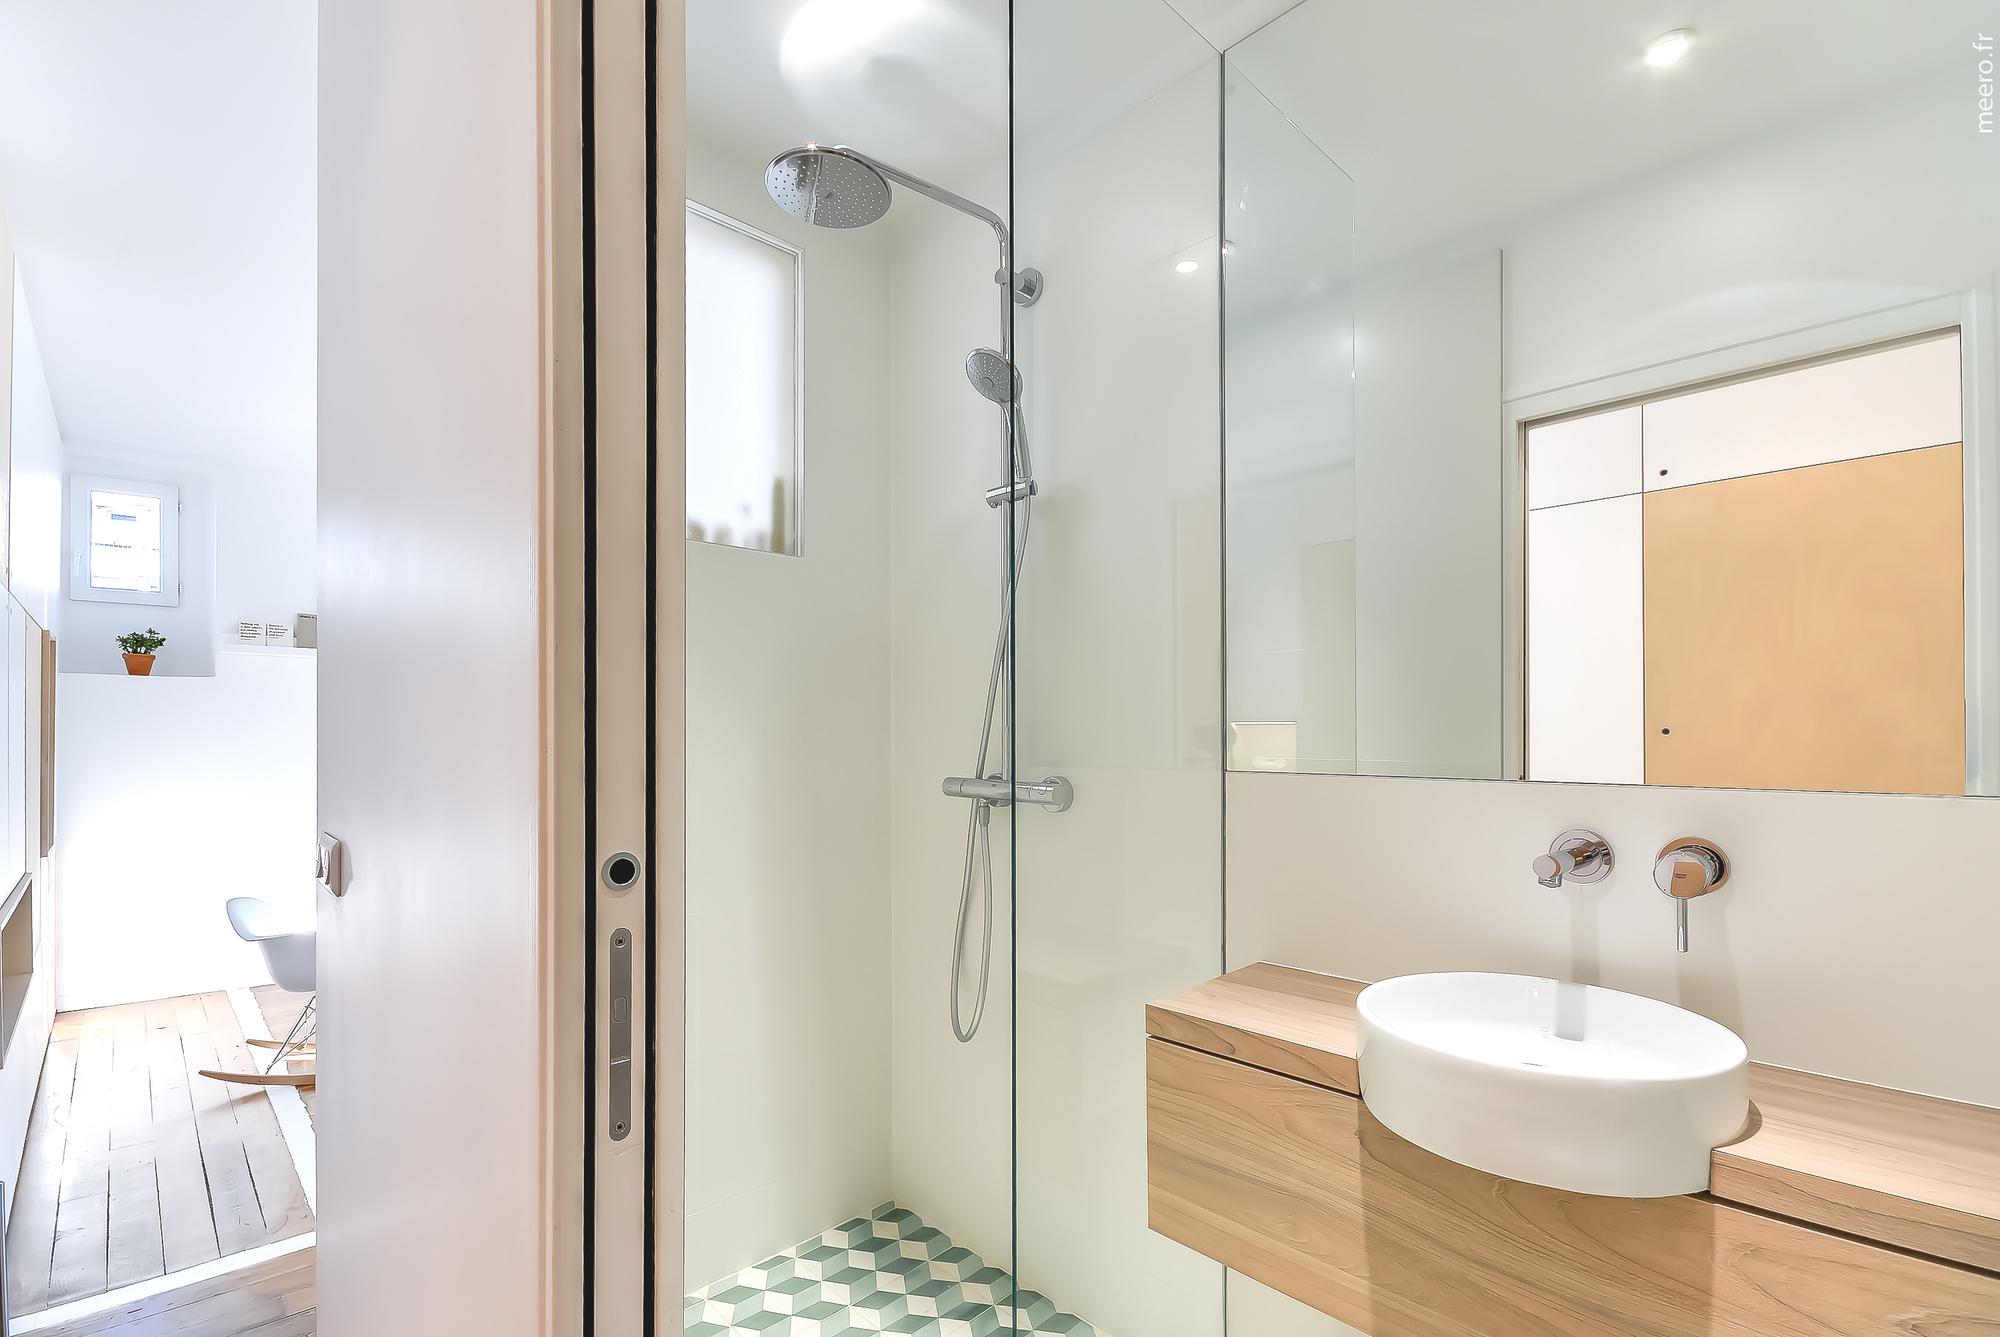 30m2 apartment in paris 8 30m2 Apartment in Paris